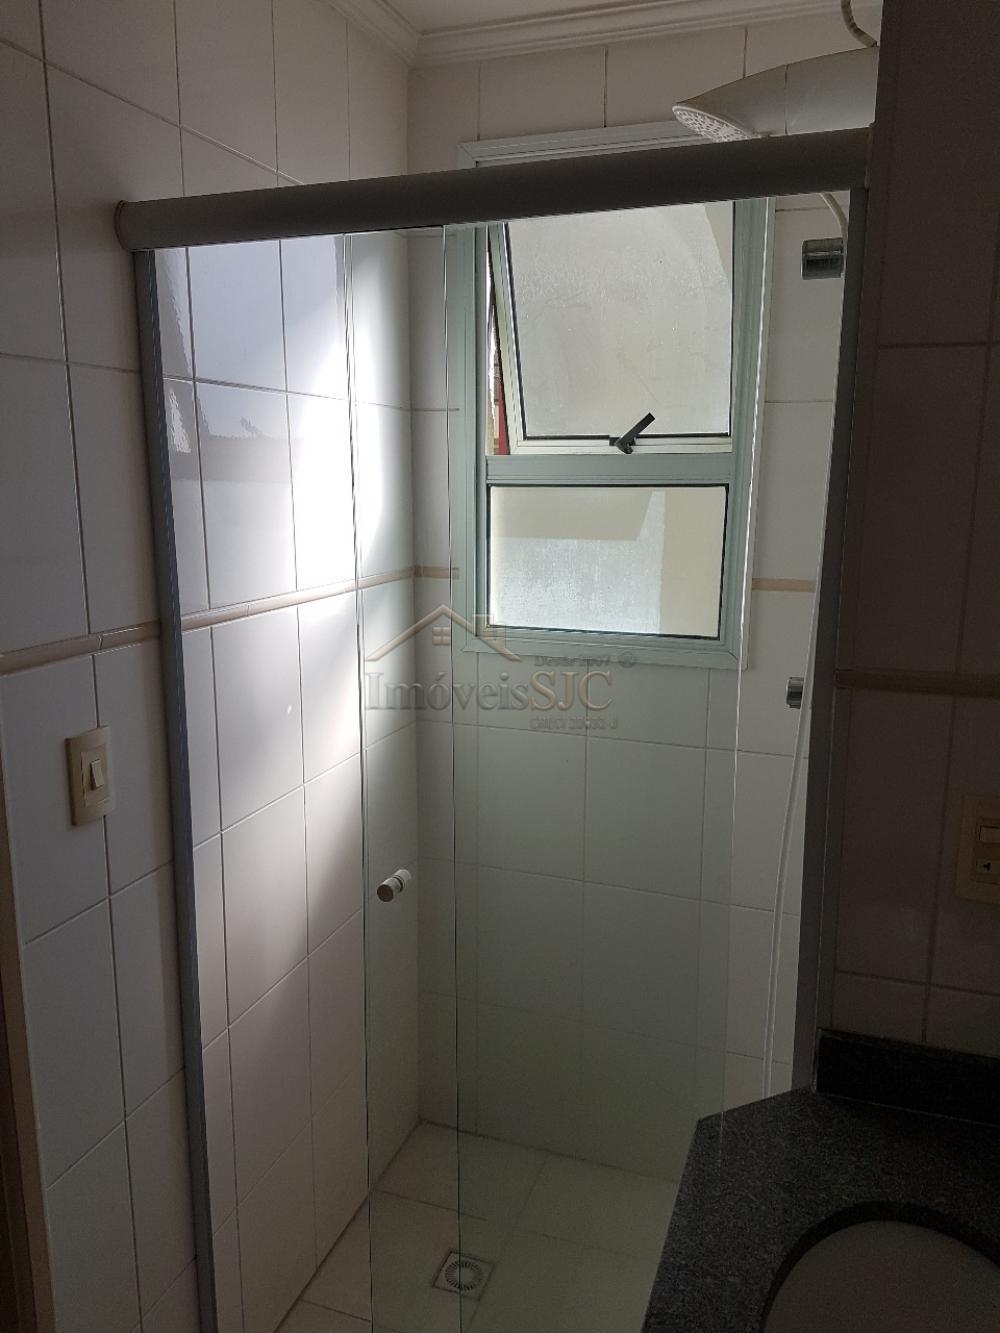 Comprar Apartamentos / Padrão em São José dos Campos apenas R$ 370.000,00 - Foto 8